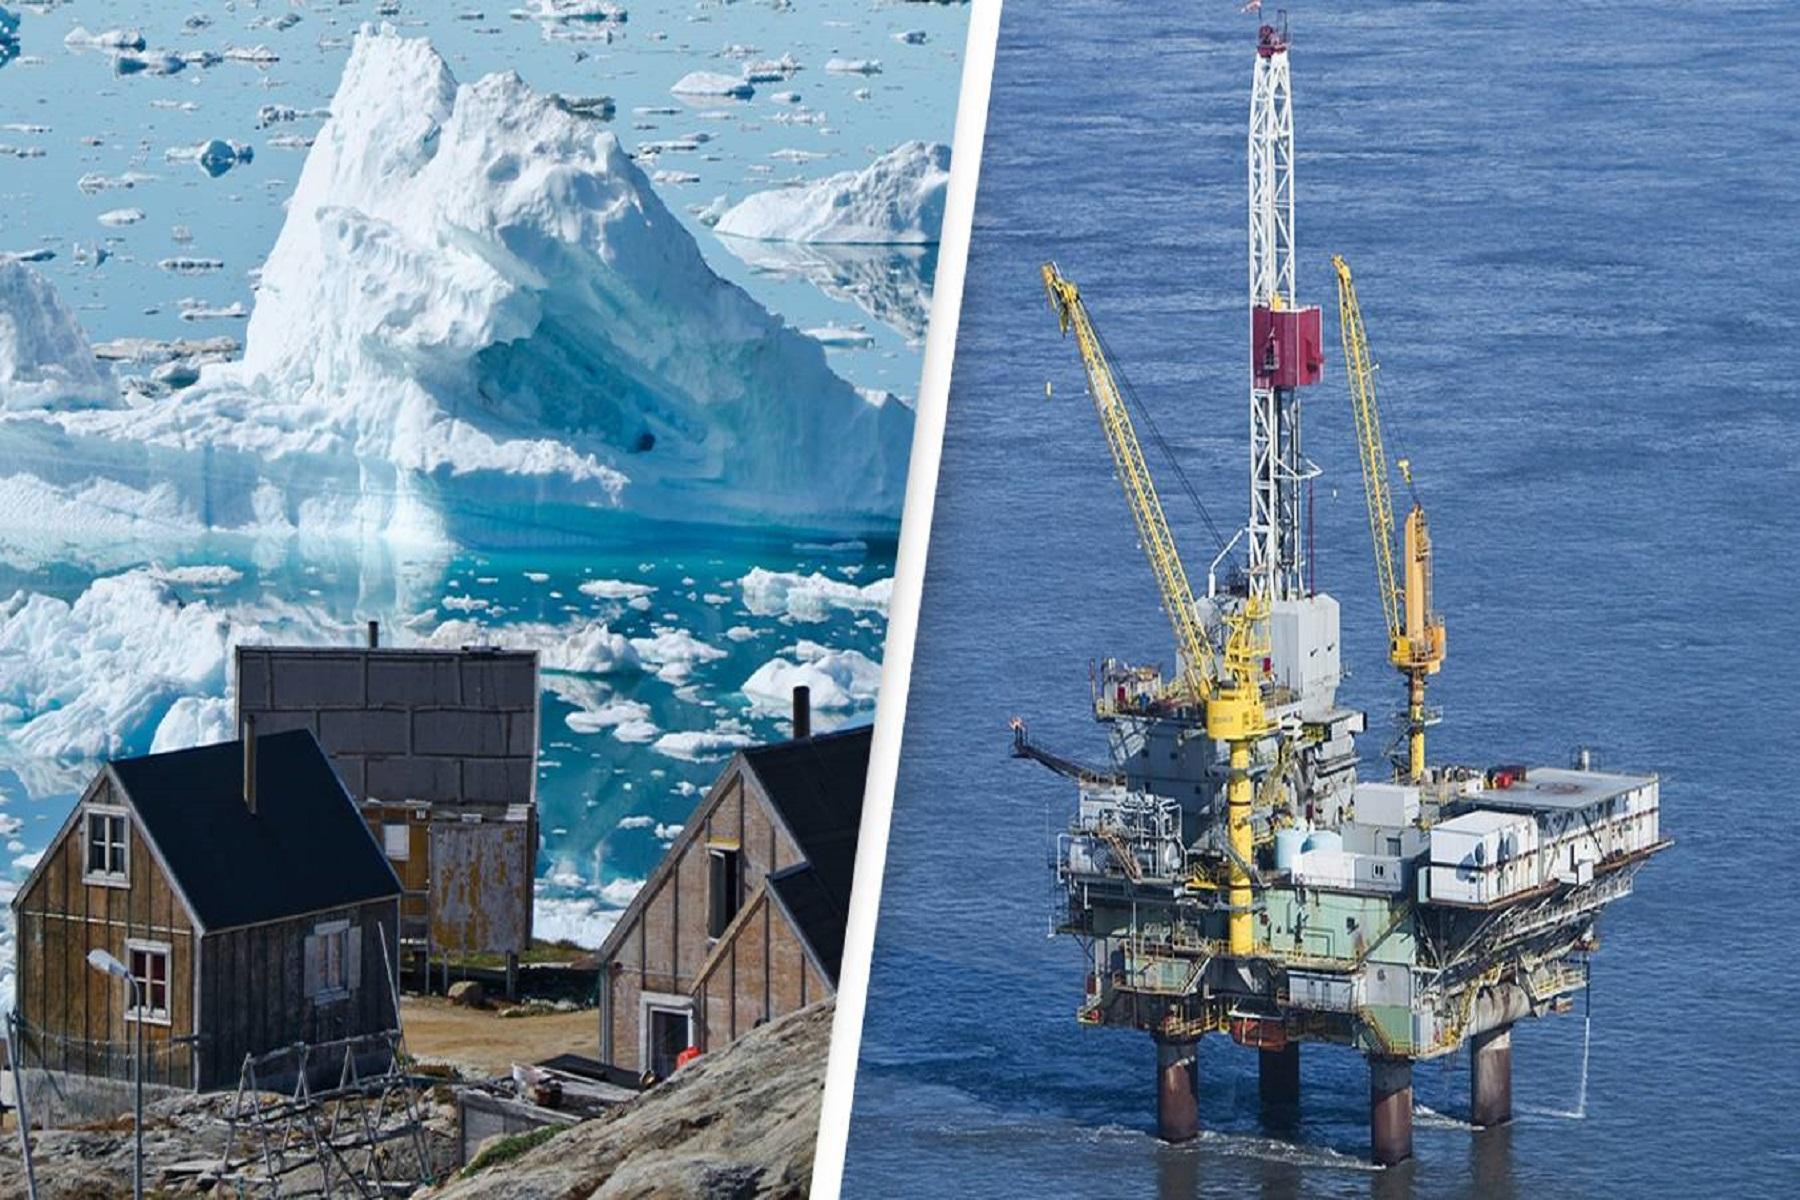 Αρκτική Γροιλανδία: Aναστέλλει κάθε έρευνα πετρελαίου λόγω της κλιματικής κρίσης